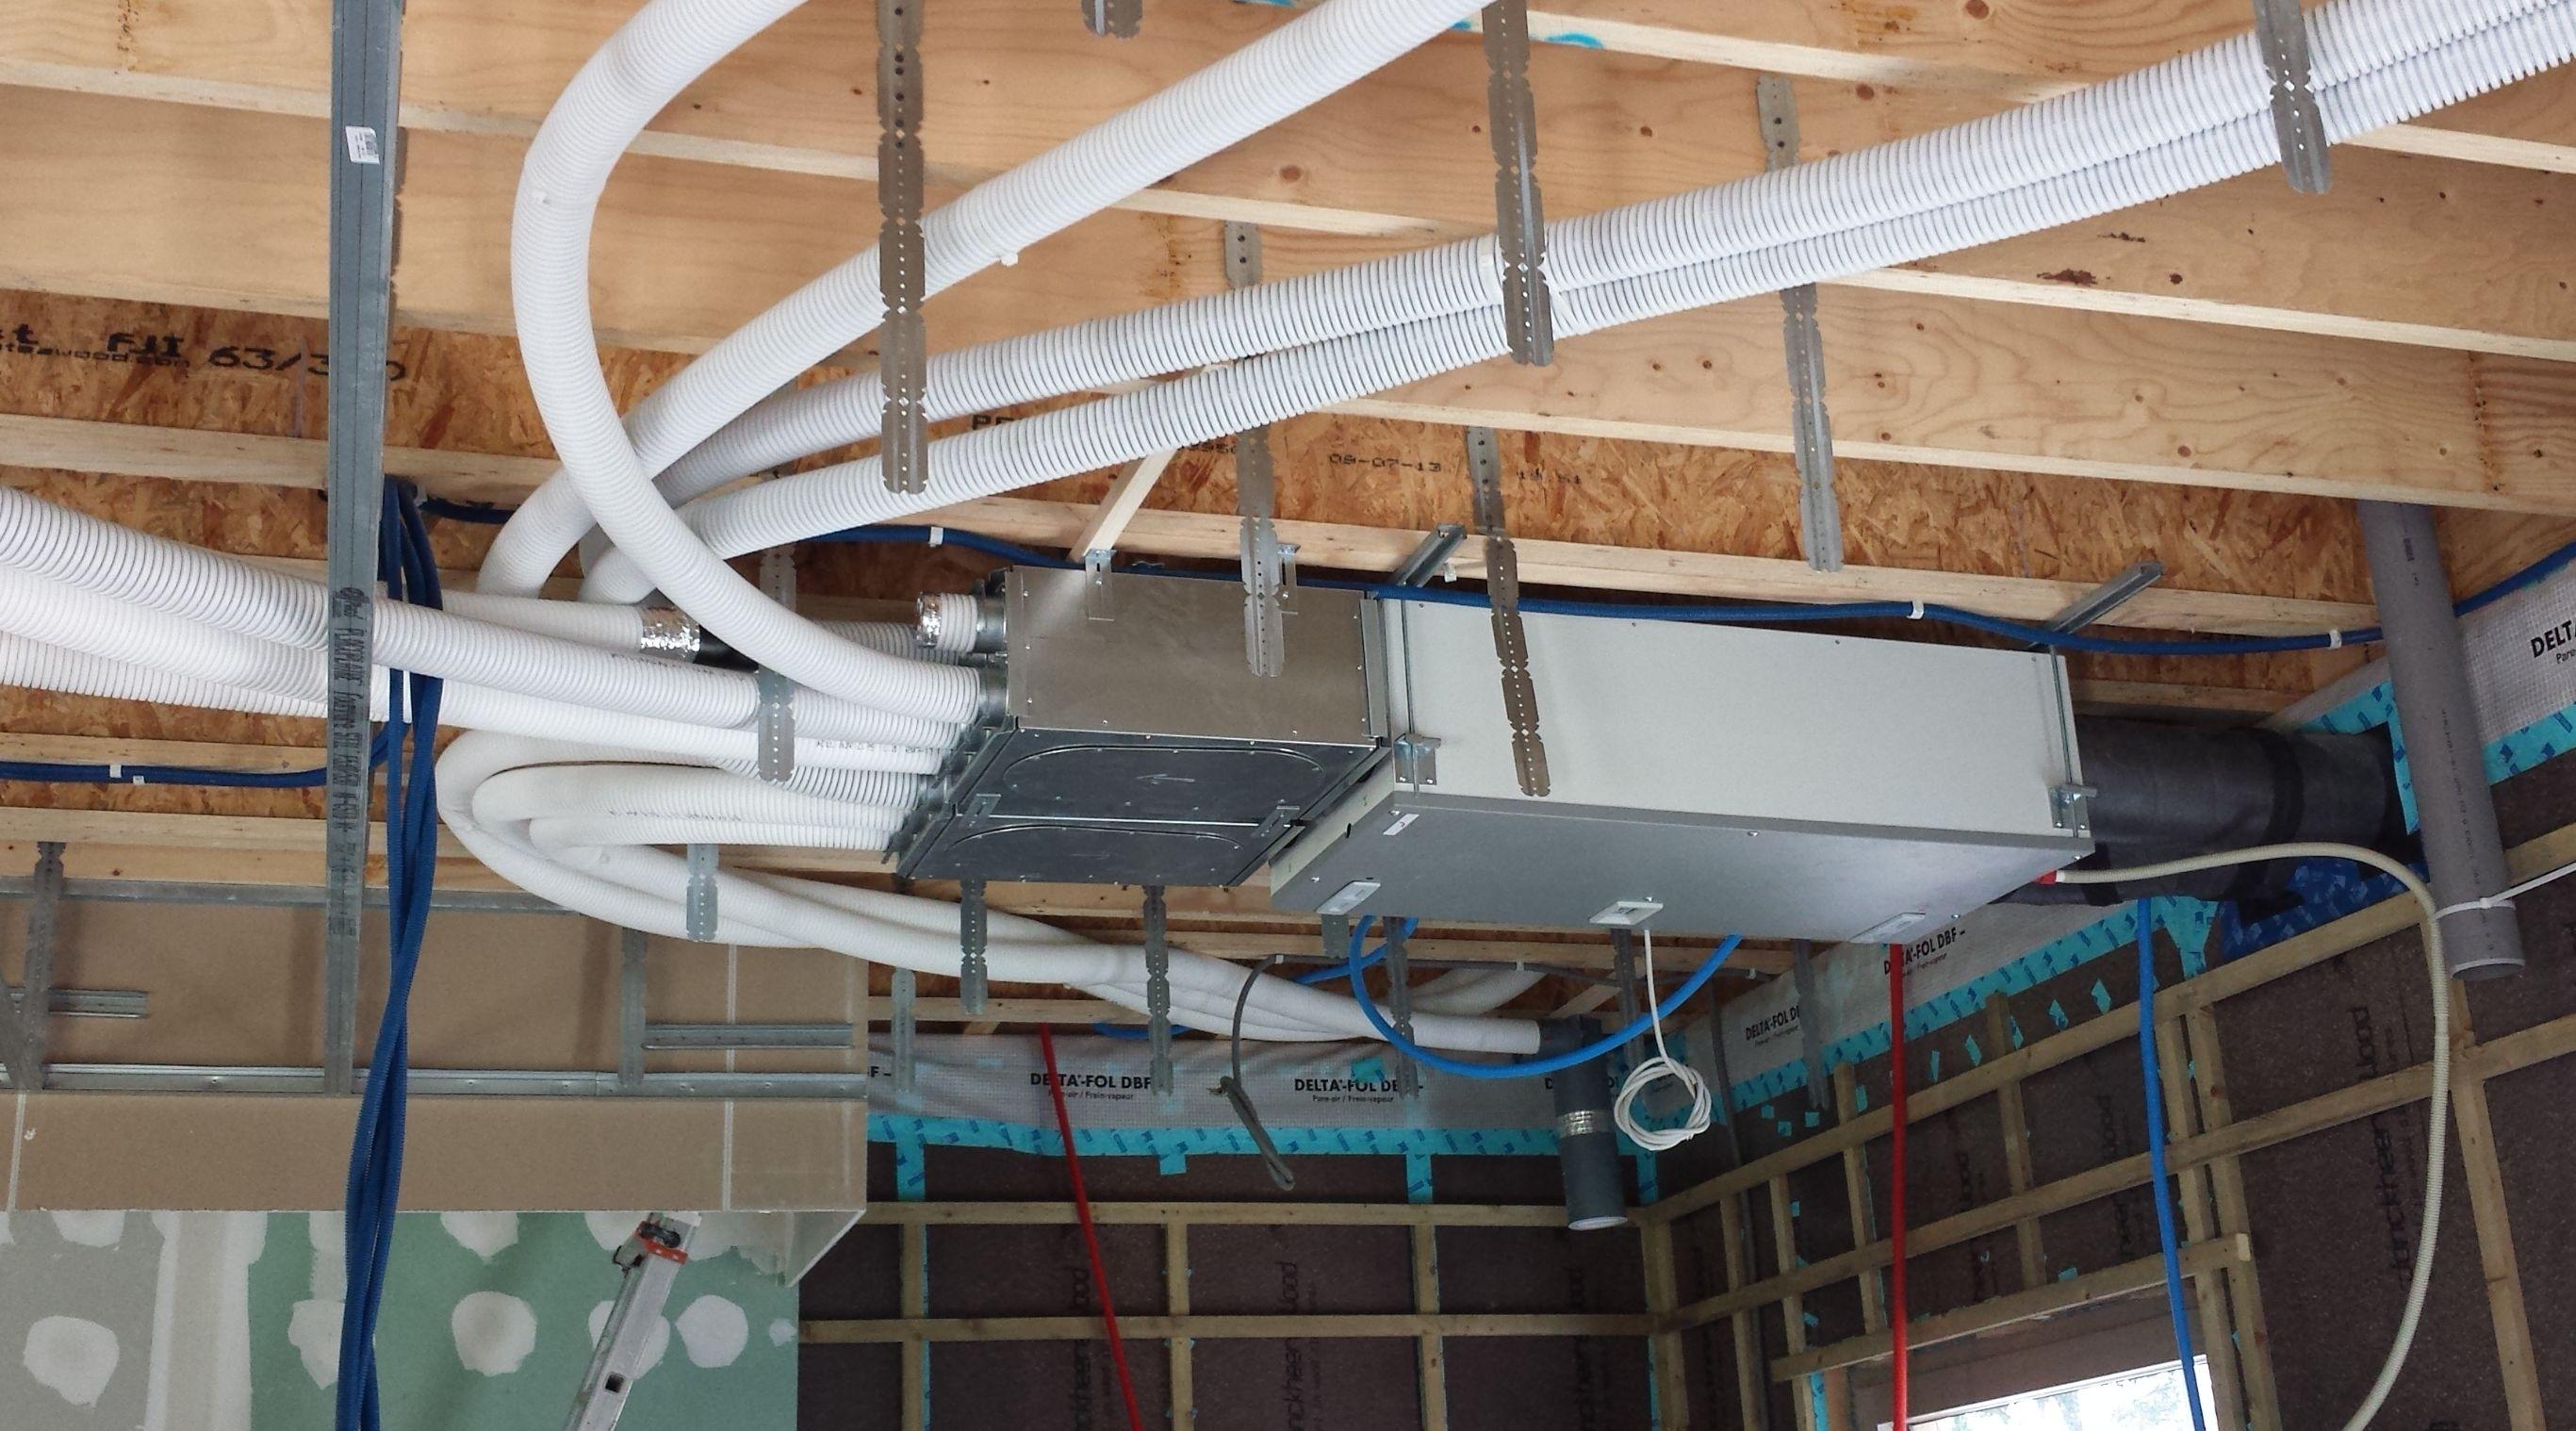 Installer une VMC double flux : un bon investissement pour optimiser le confort de son domicile